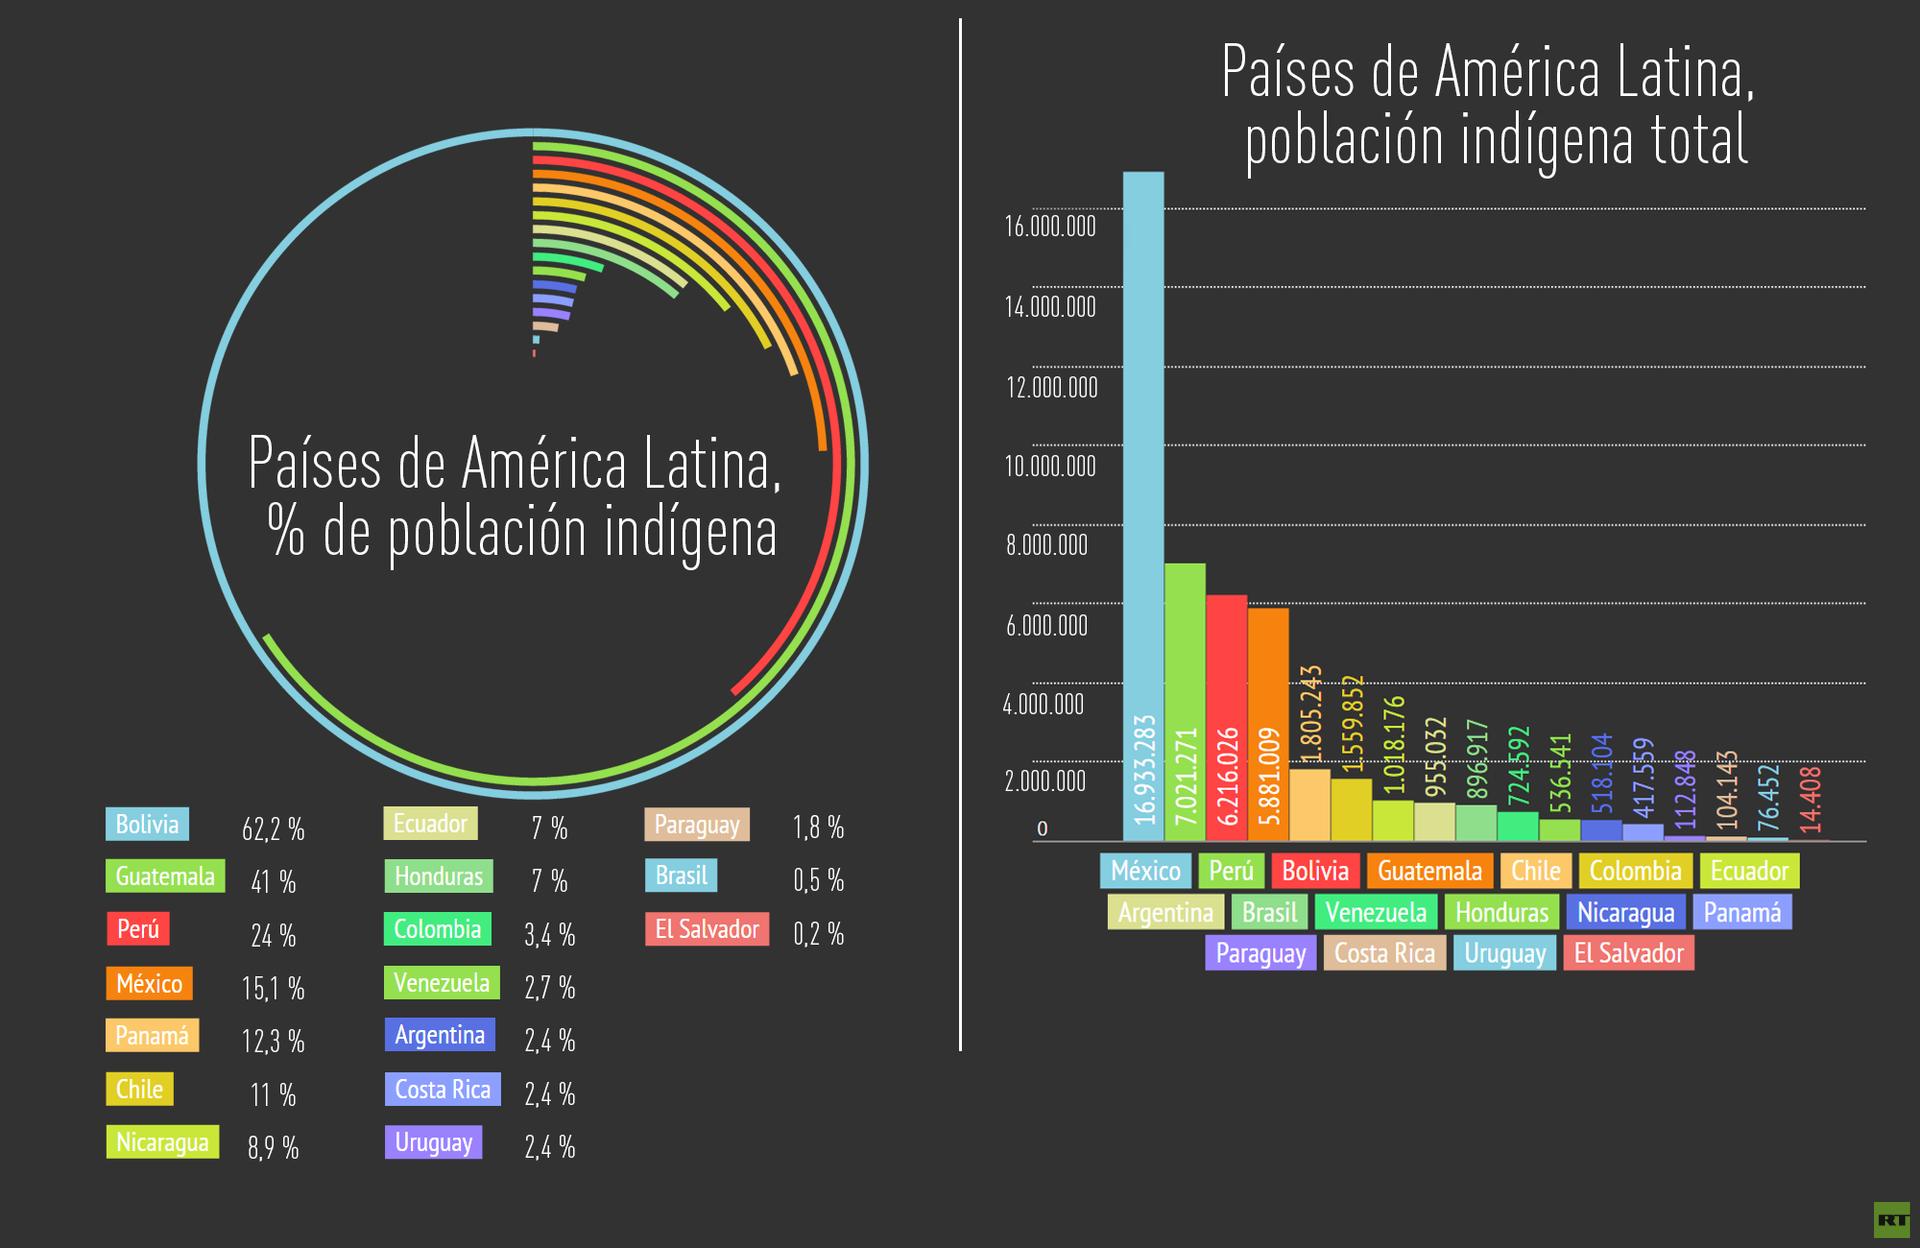 Países de América Latina,  % de población indígena